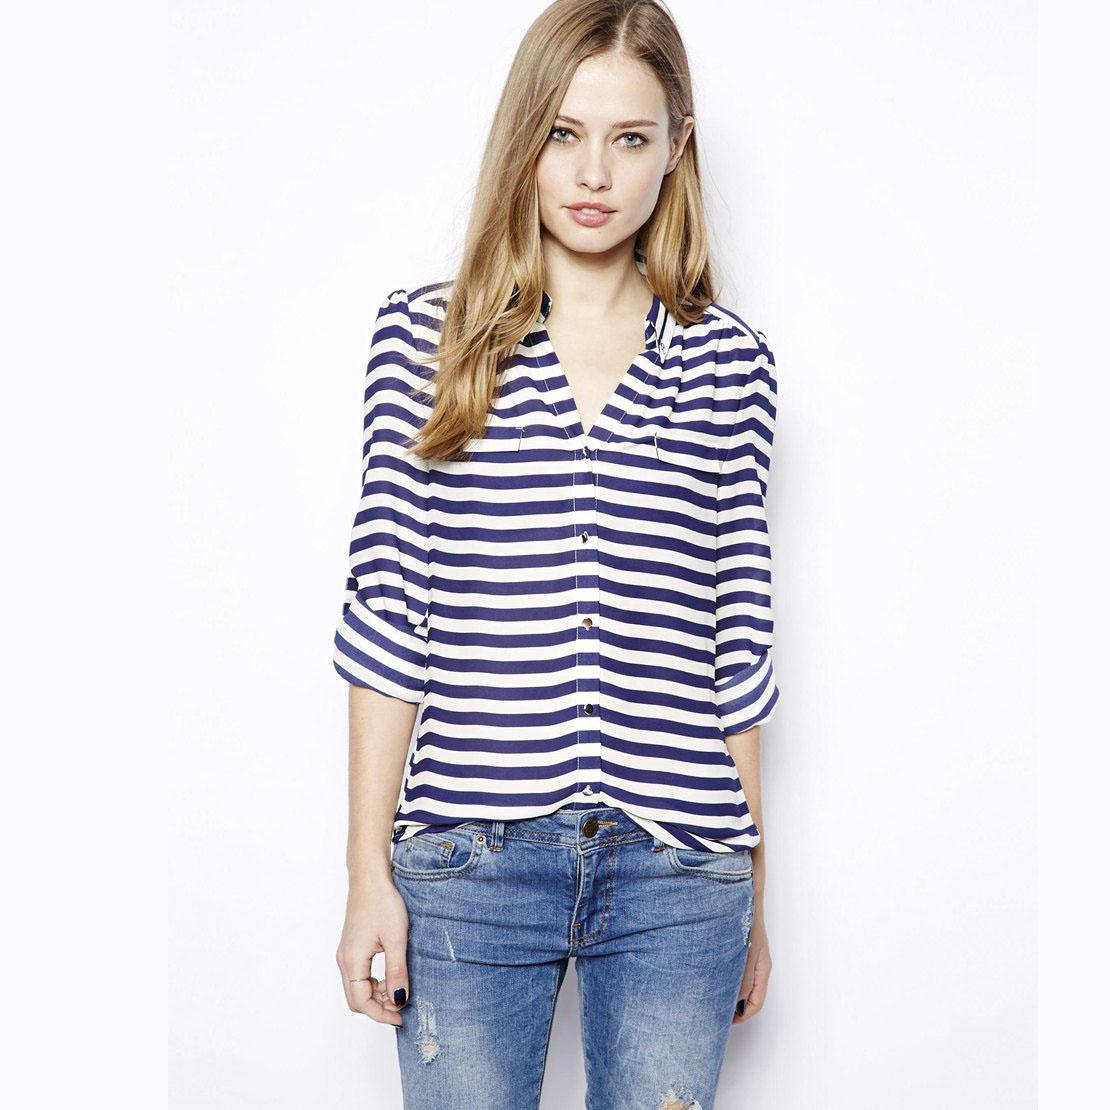 Сине-белая женская рубашка в горизонтальную полоску с джинсами ... 1f779507ce755